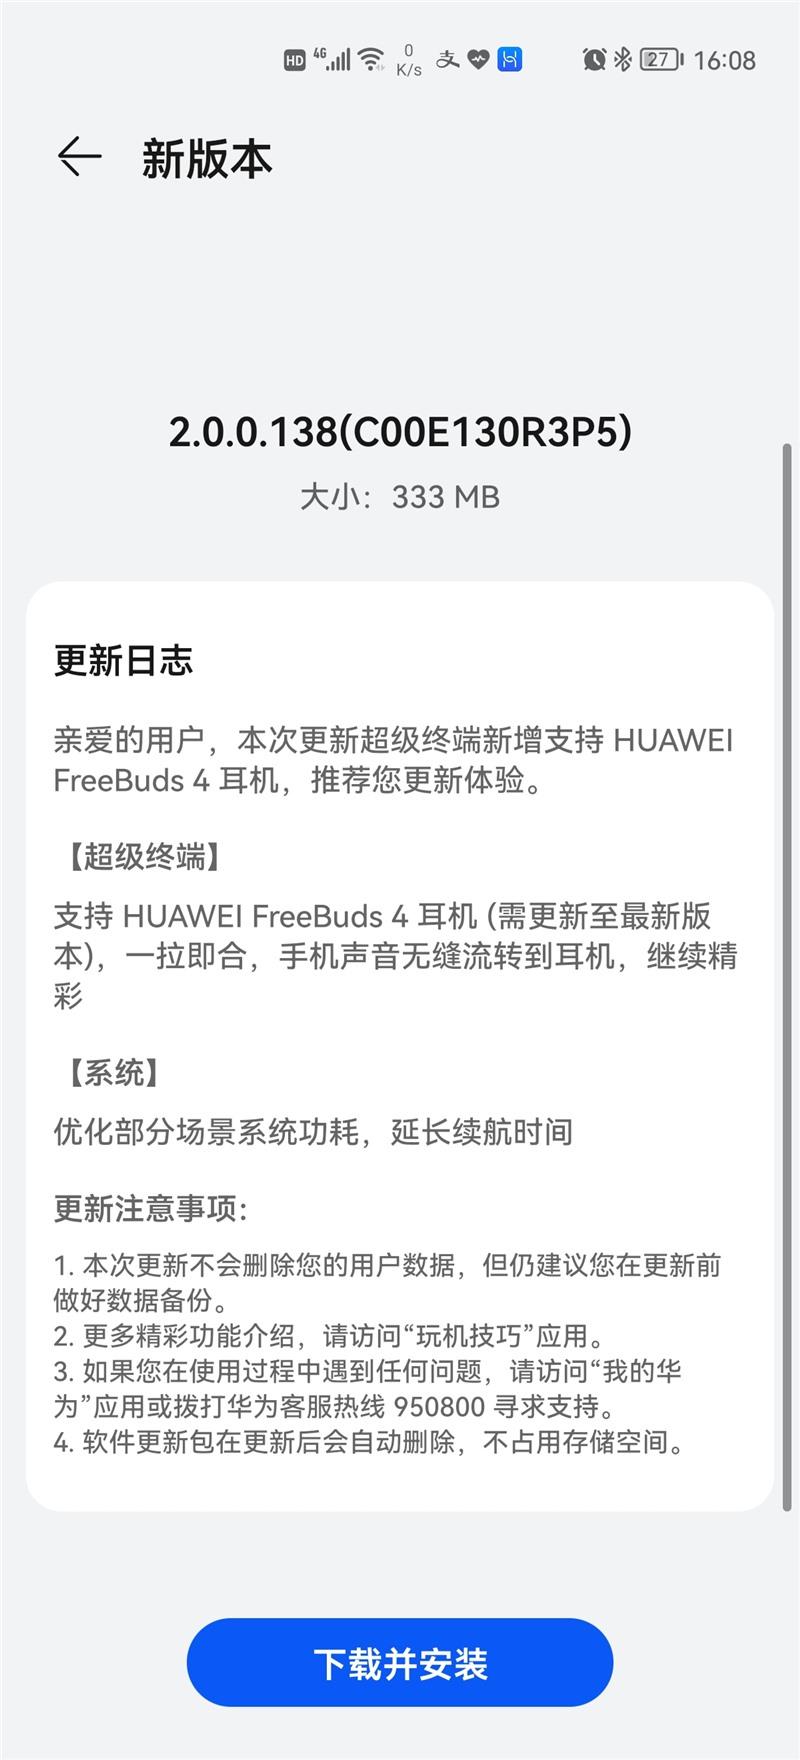 Huawei Mate 30 and P40 series HarmonyOS 2.0.0.138